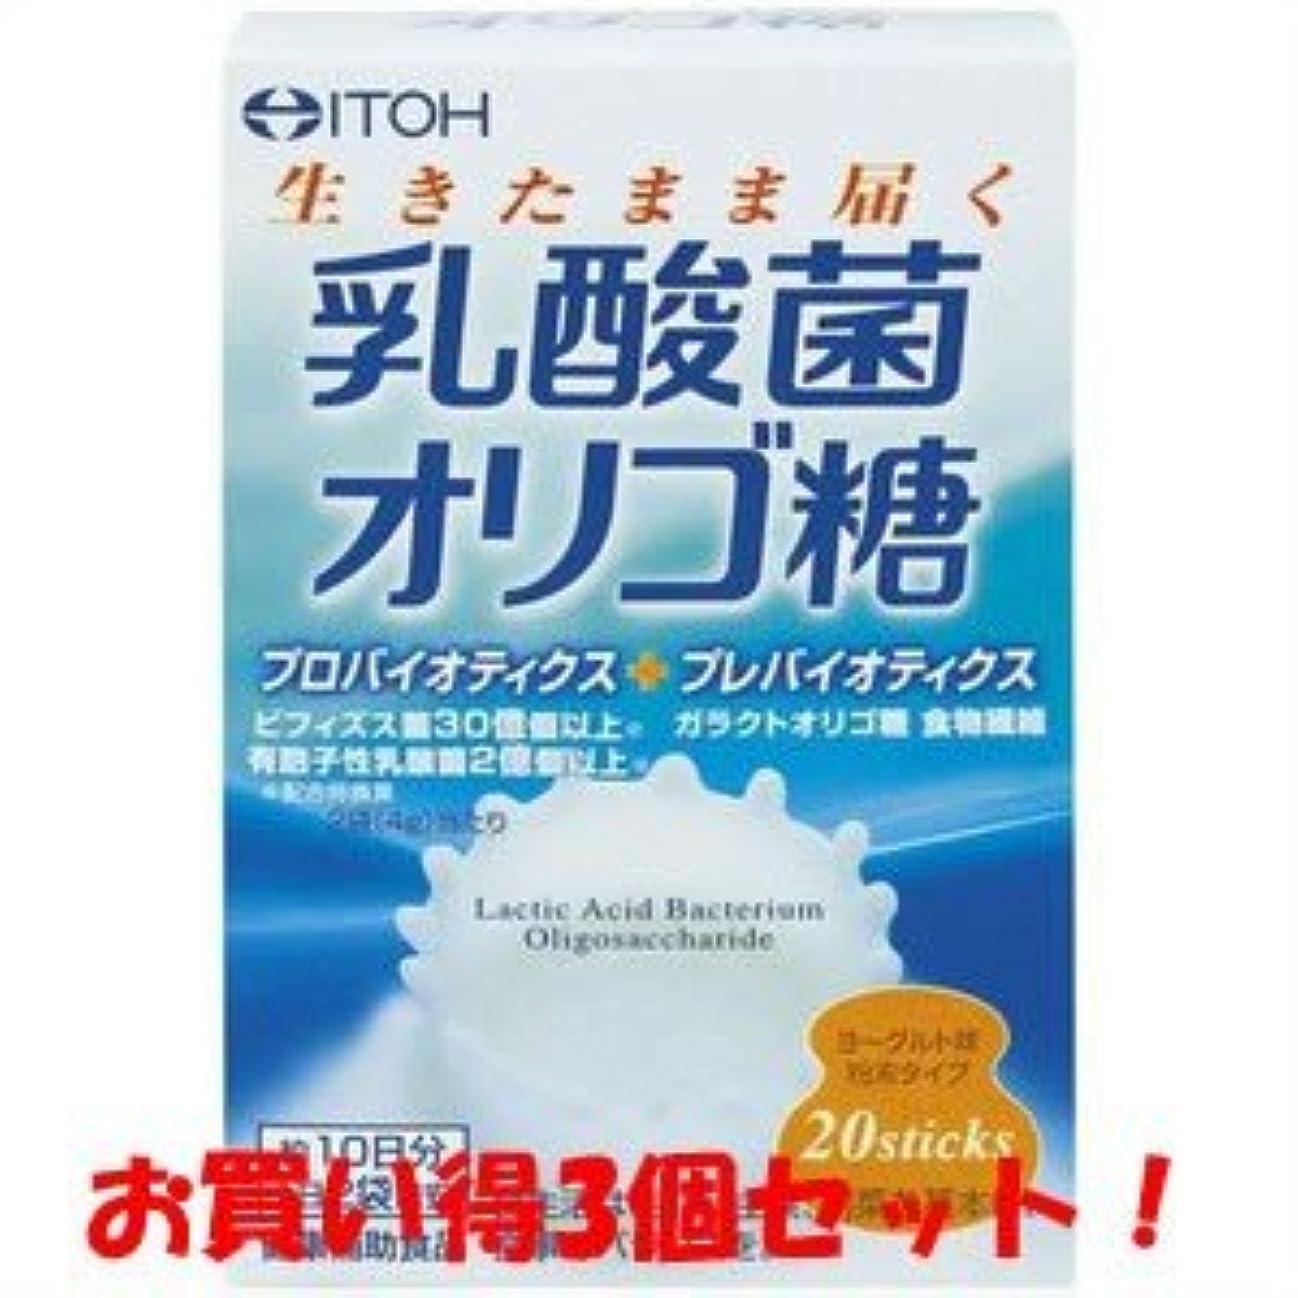 甘くするインストールクラス【井藤漢方製薬】乳酸菌オリゴ糖 40g(2g×20スティック)(お買い得3個セット)